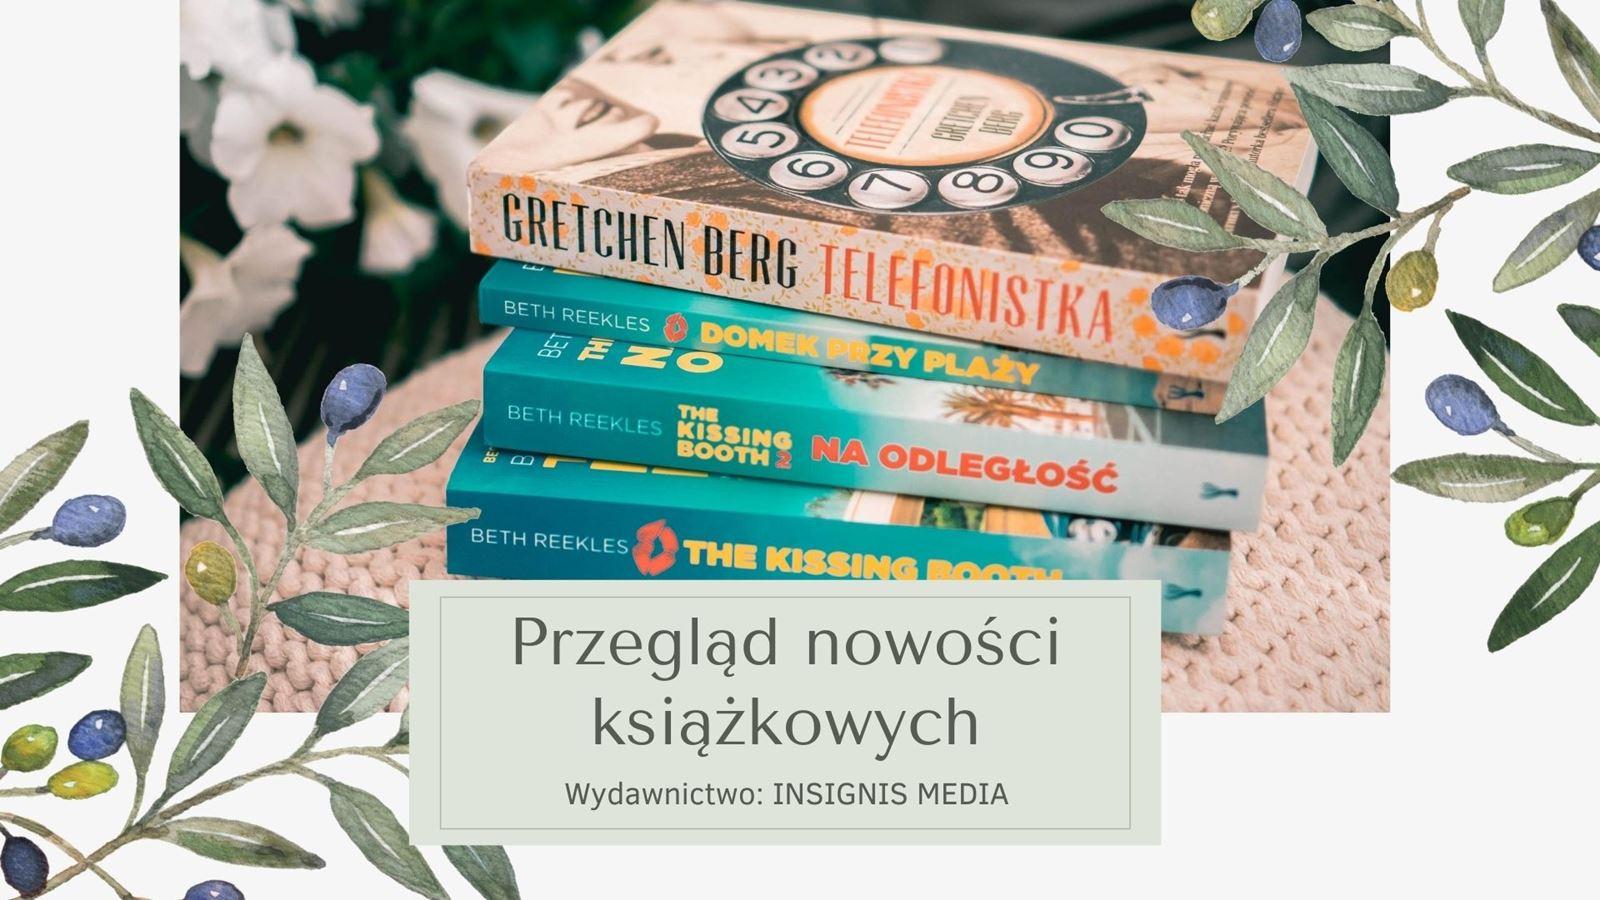 1 the kissing booth telefonistka gretchen berg ksiązki recenzja nowości ksiązkowe 2020 wydawnictwo insignis media cena opinie gdzie kupic ksiazki na lato dla mlodziezy